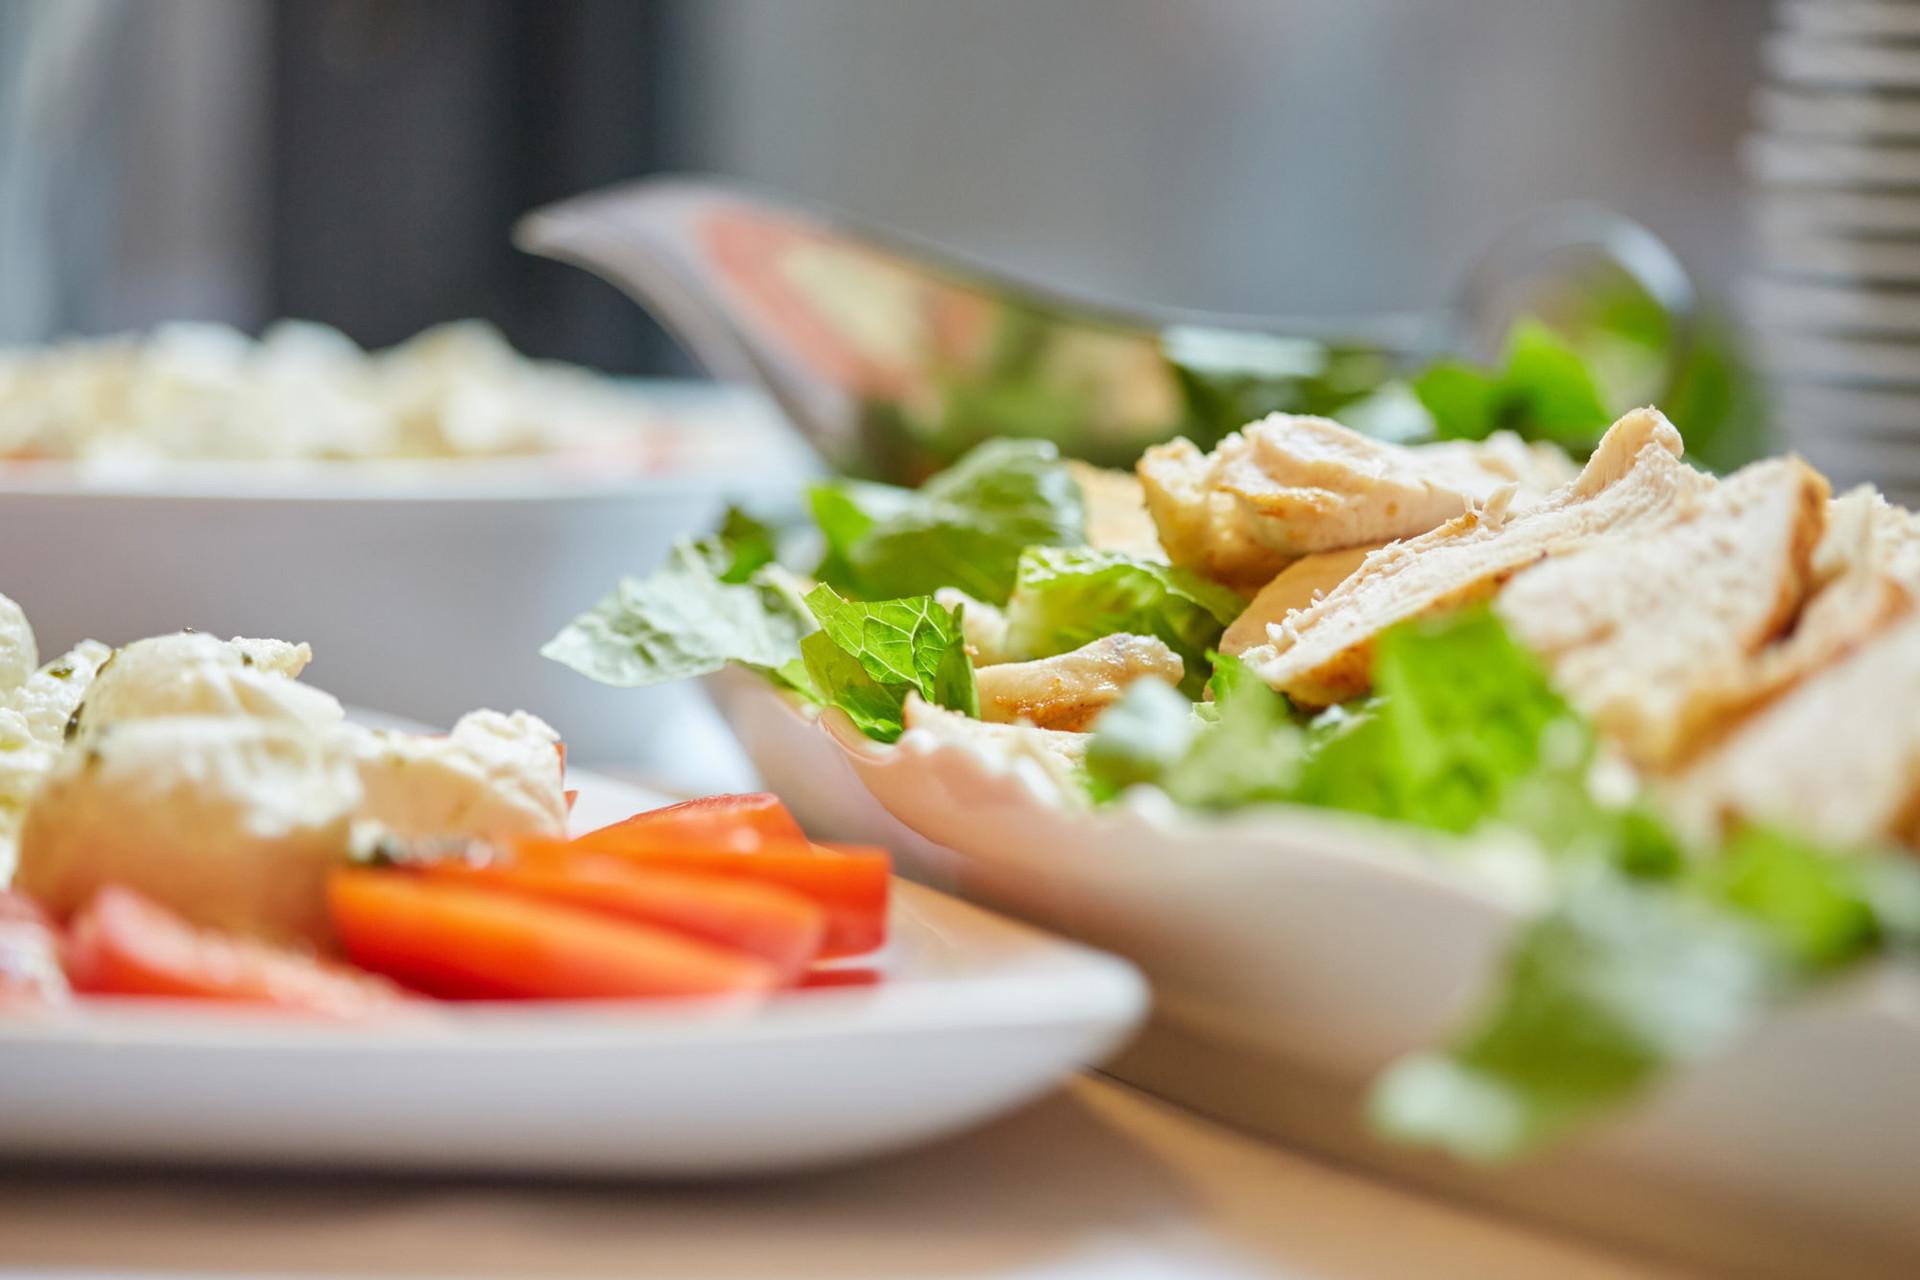 Radnicni-restaurace-catering 20.jpg